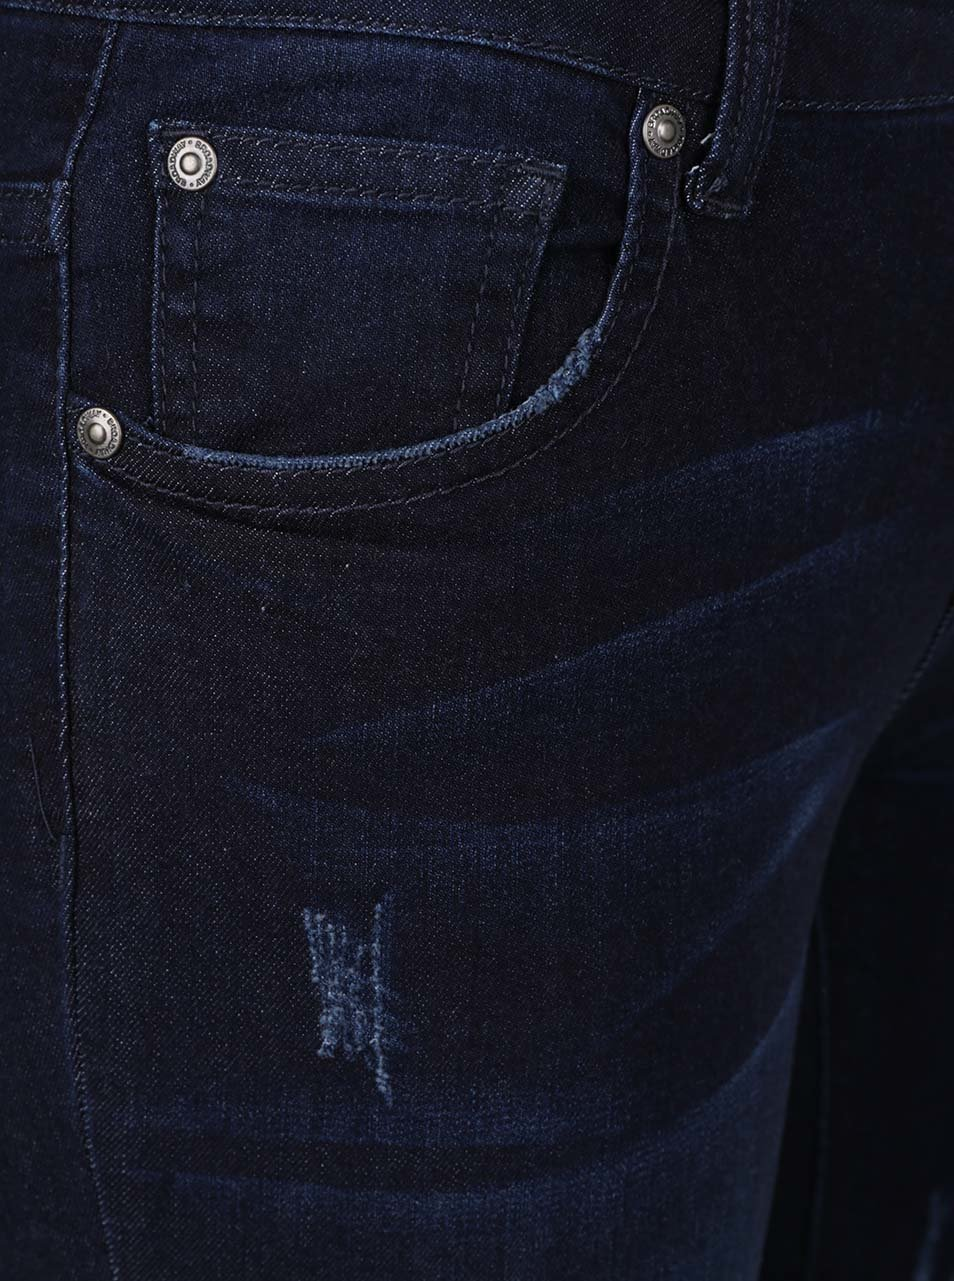 Tmavě modré dámské 3 4 skinny džíny Broadway Darlena ... fe70c325f9